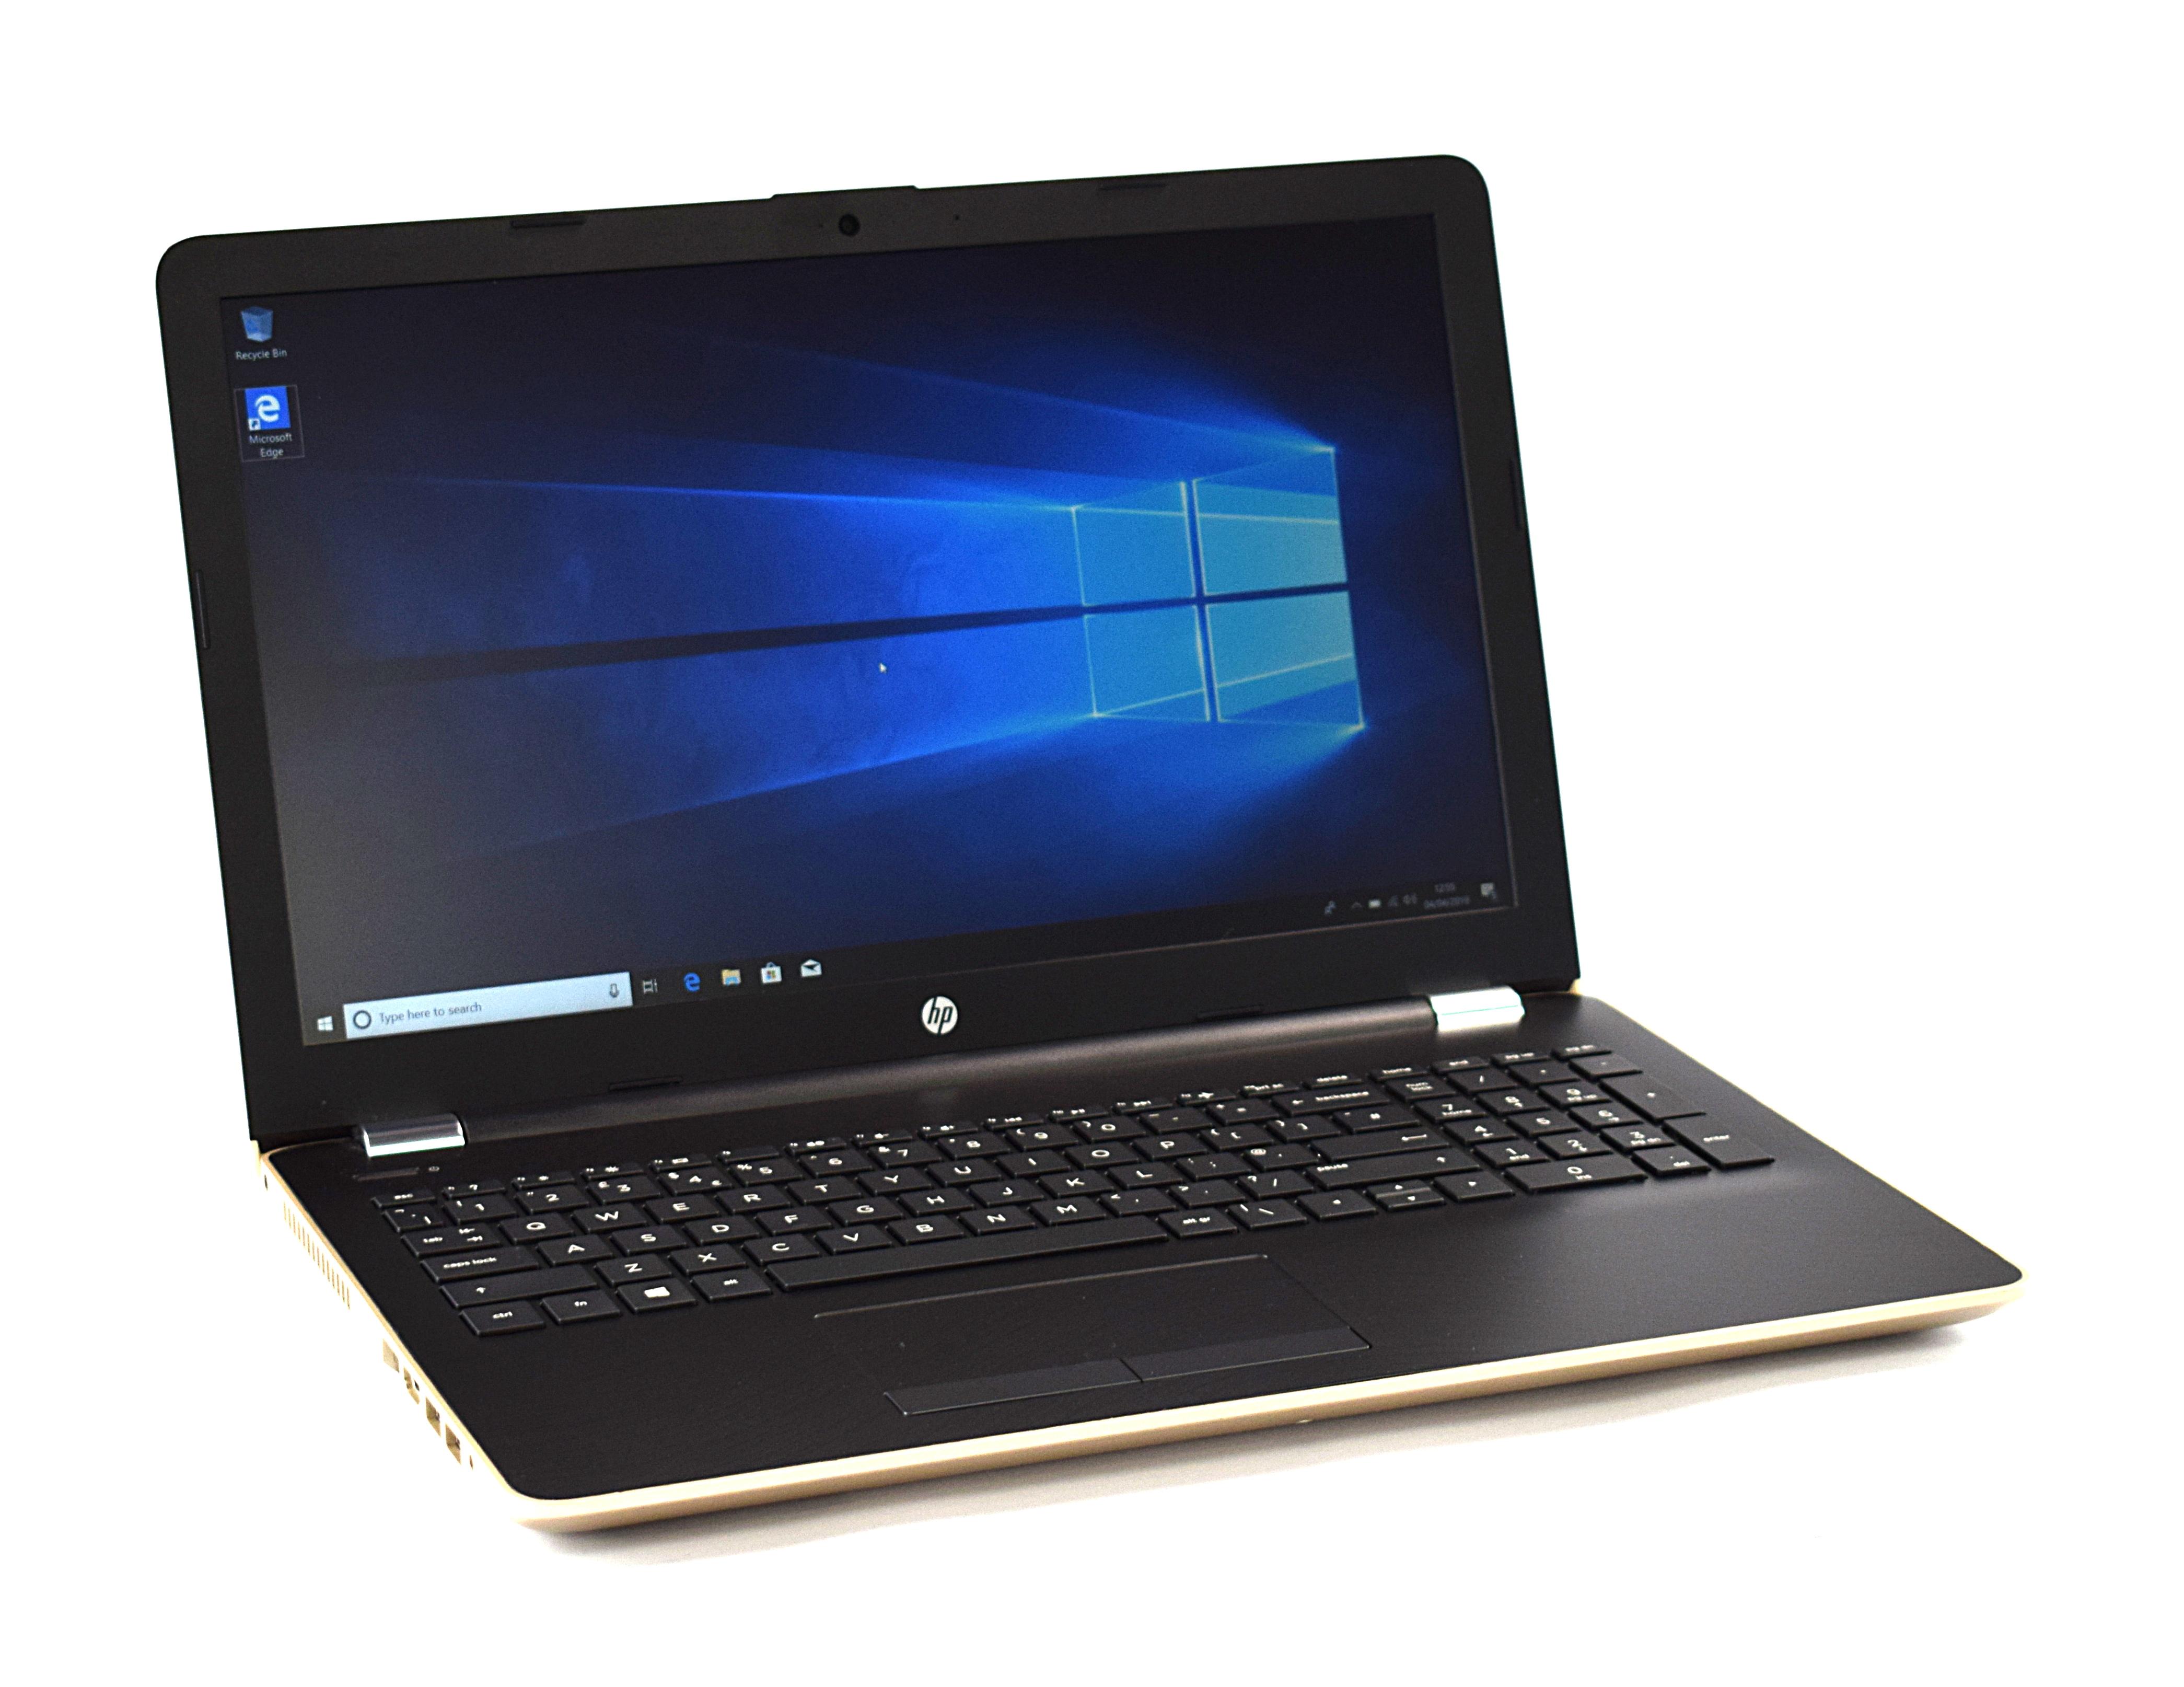 HP 15-bw067sa Laptop AMD A9-9420 4GB DDR4 RAM 1TB HDD Windows 10